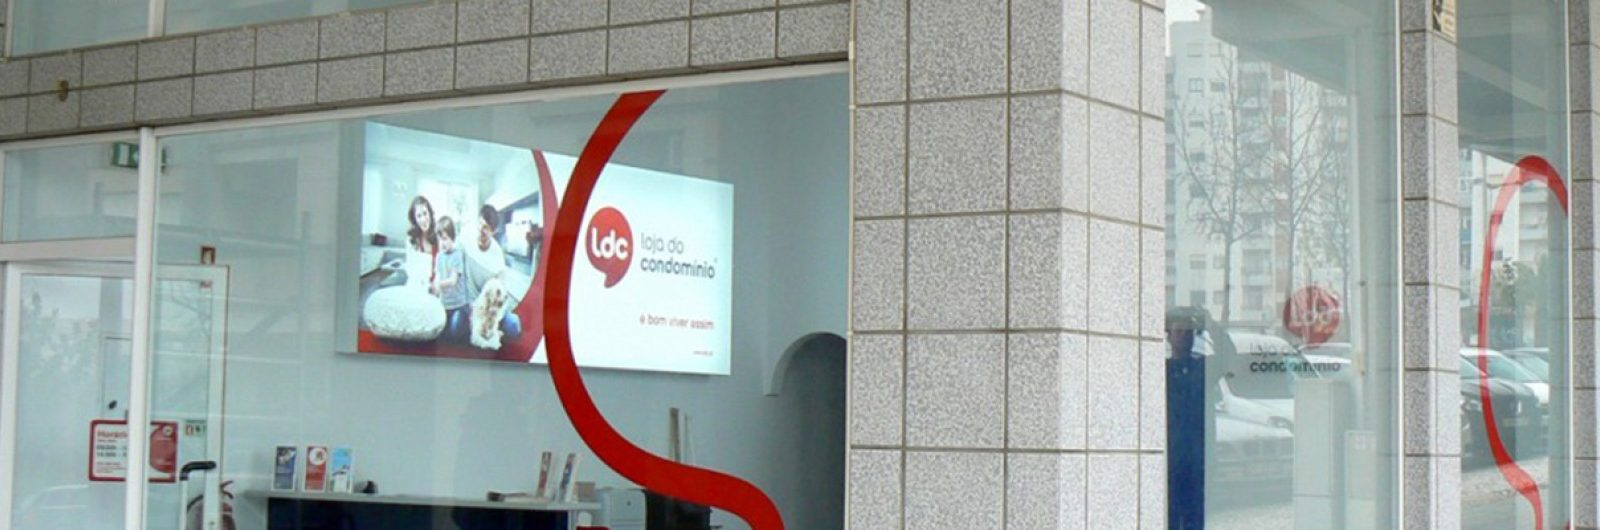 Empresa que gere a LDC renova estatuto PME Excelência